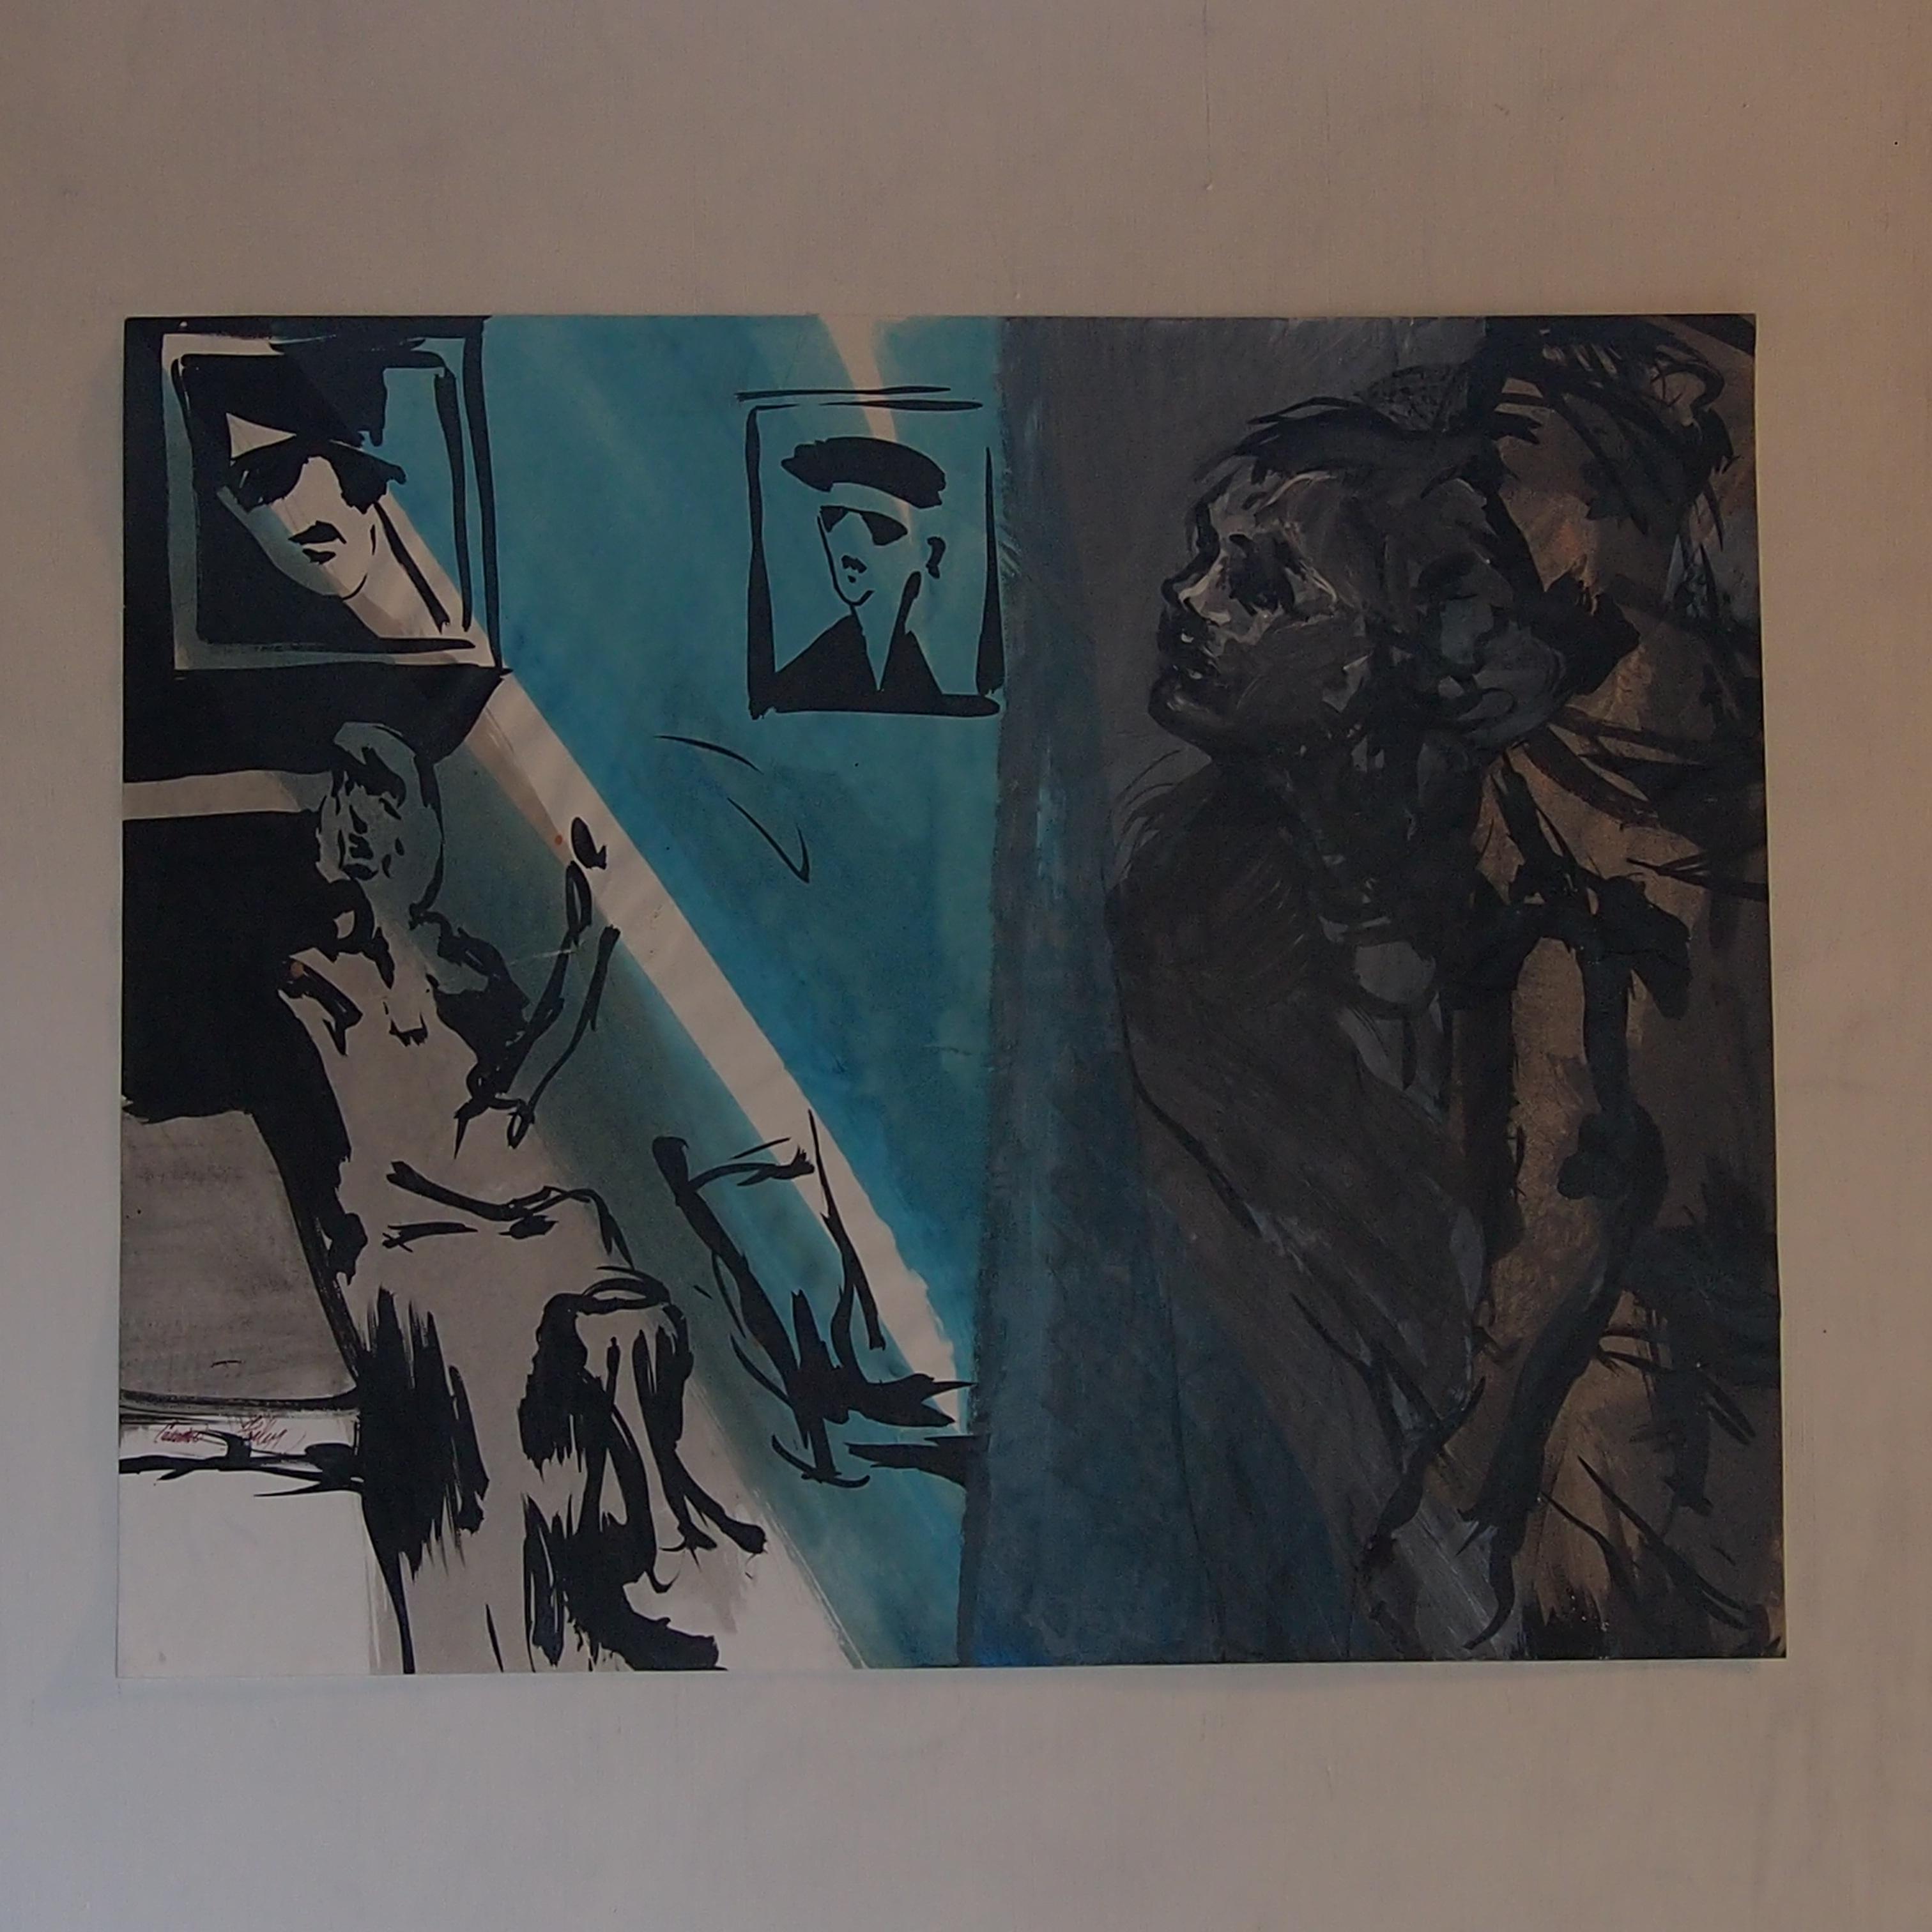 la surveillante encre, acrylique sur papier 65x50